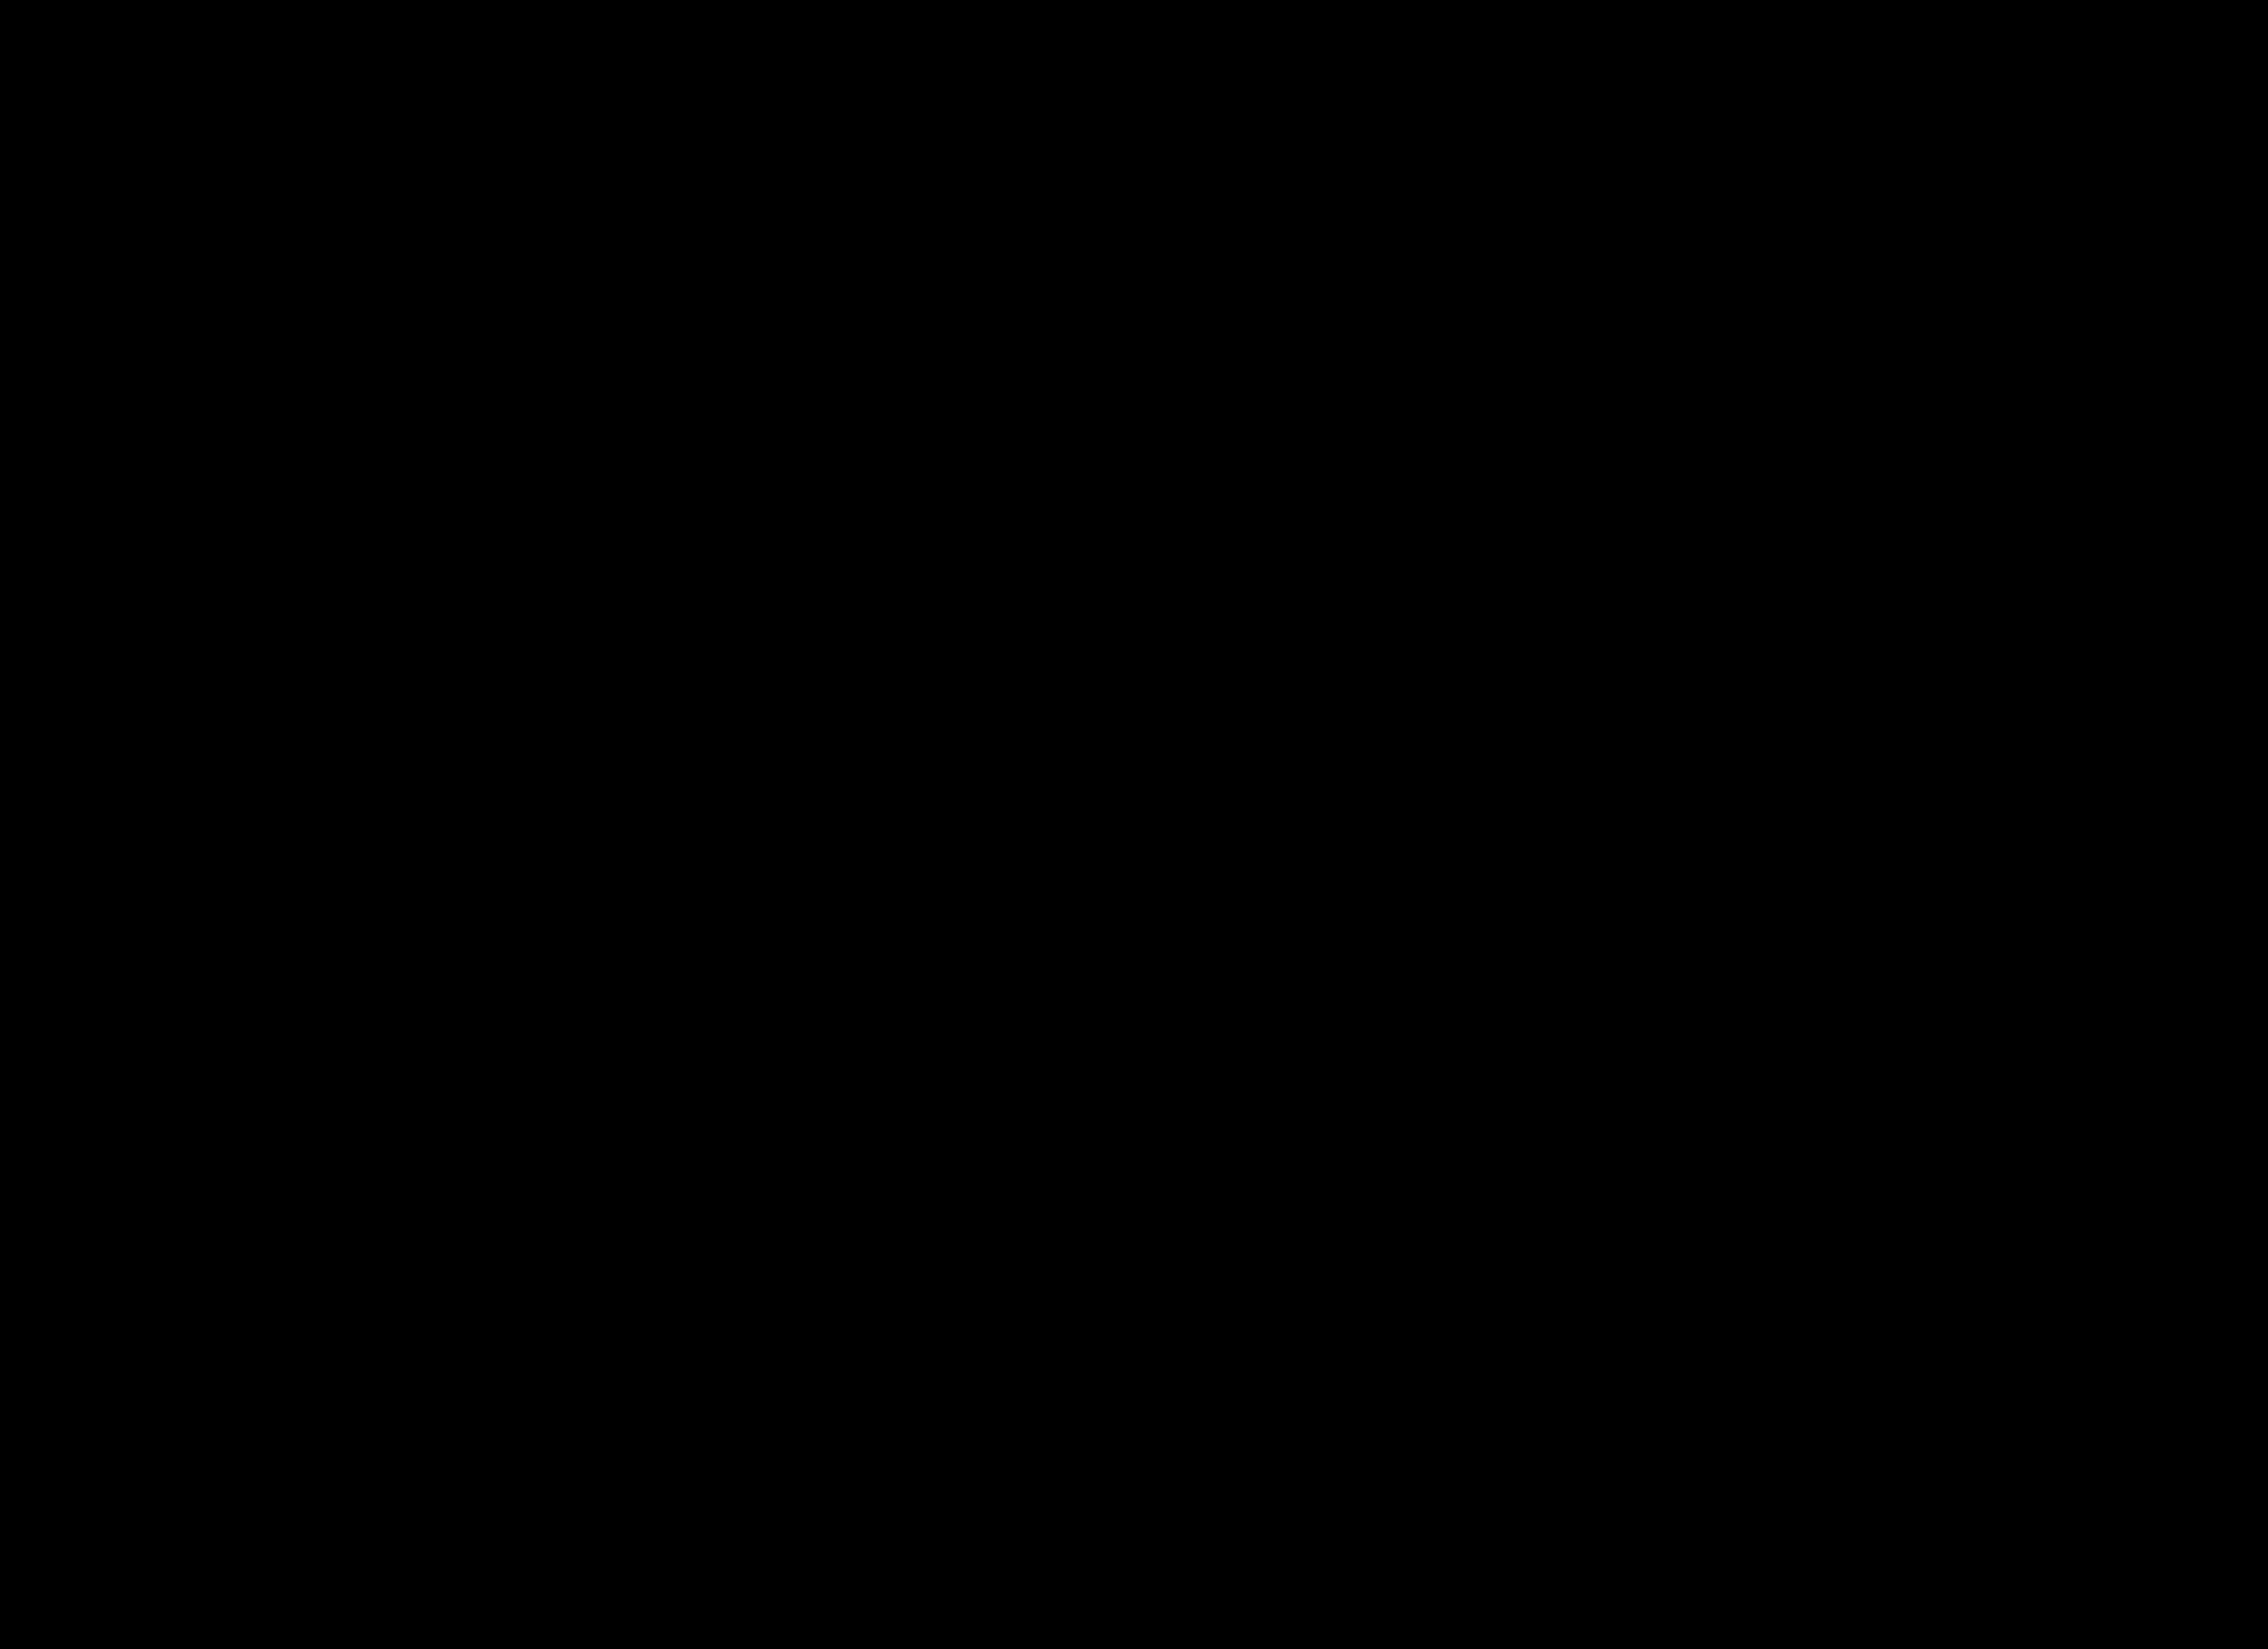 Plan der Wunderwiese